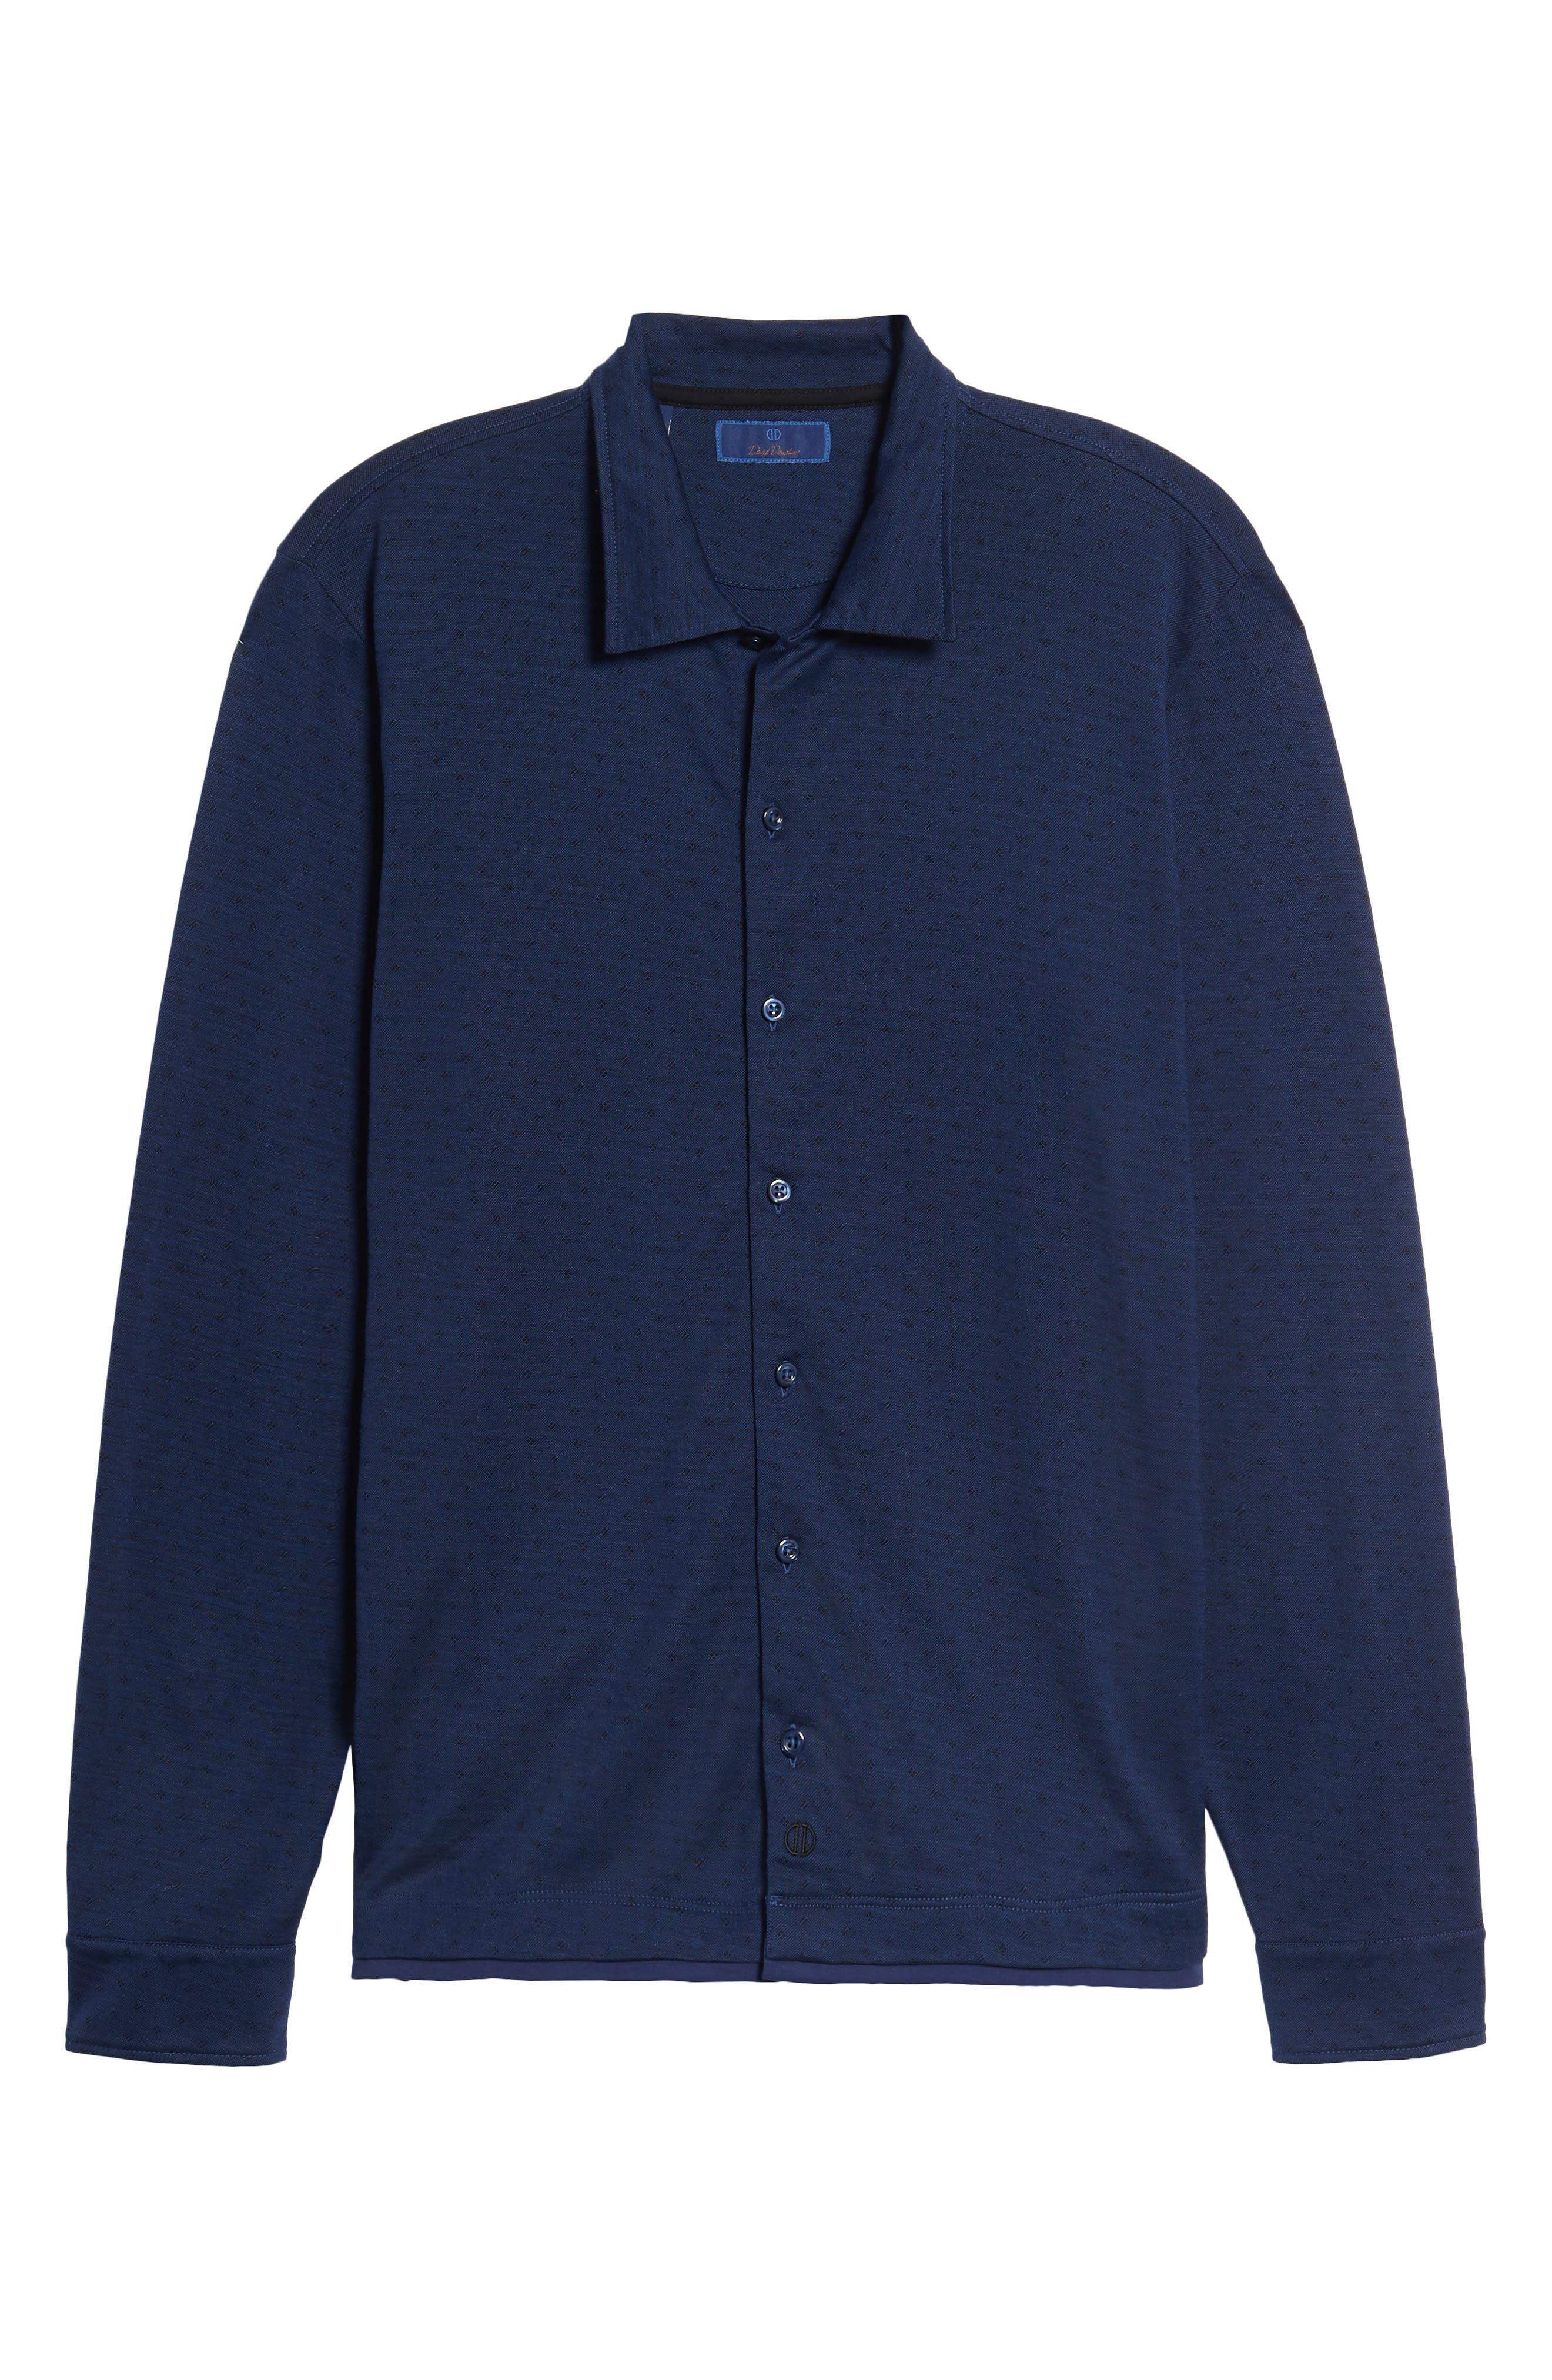 Jacquard Knit Sport Shirt,                             Alternate thumbnail 23, color,